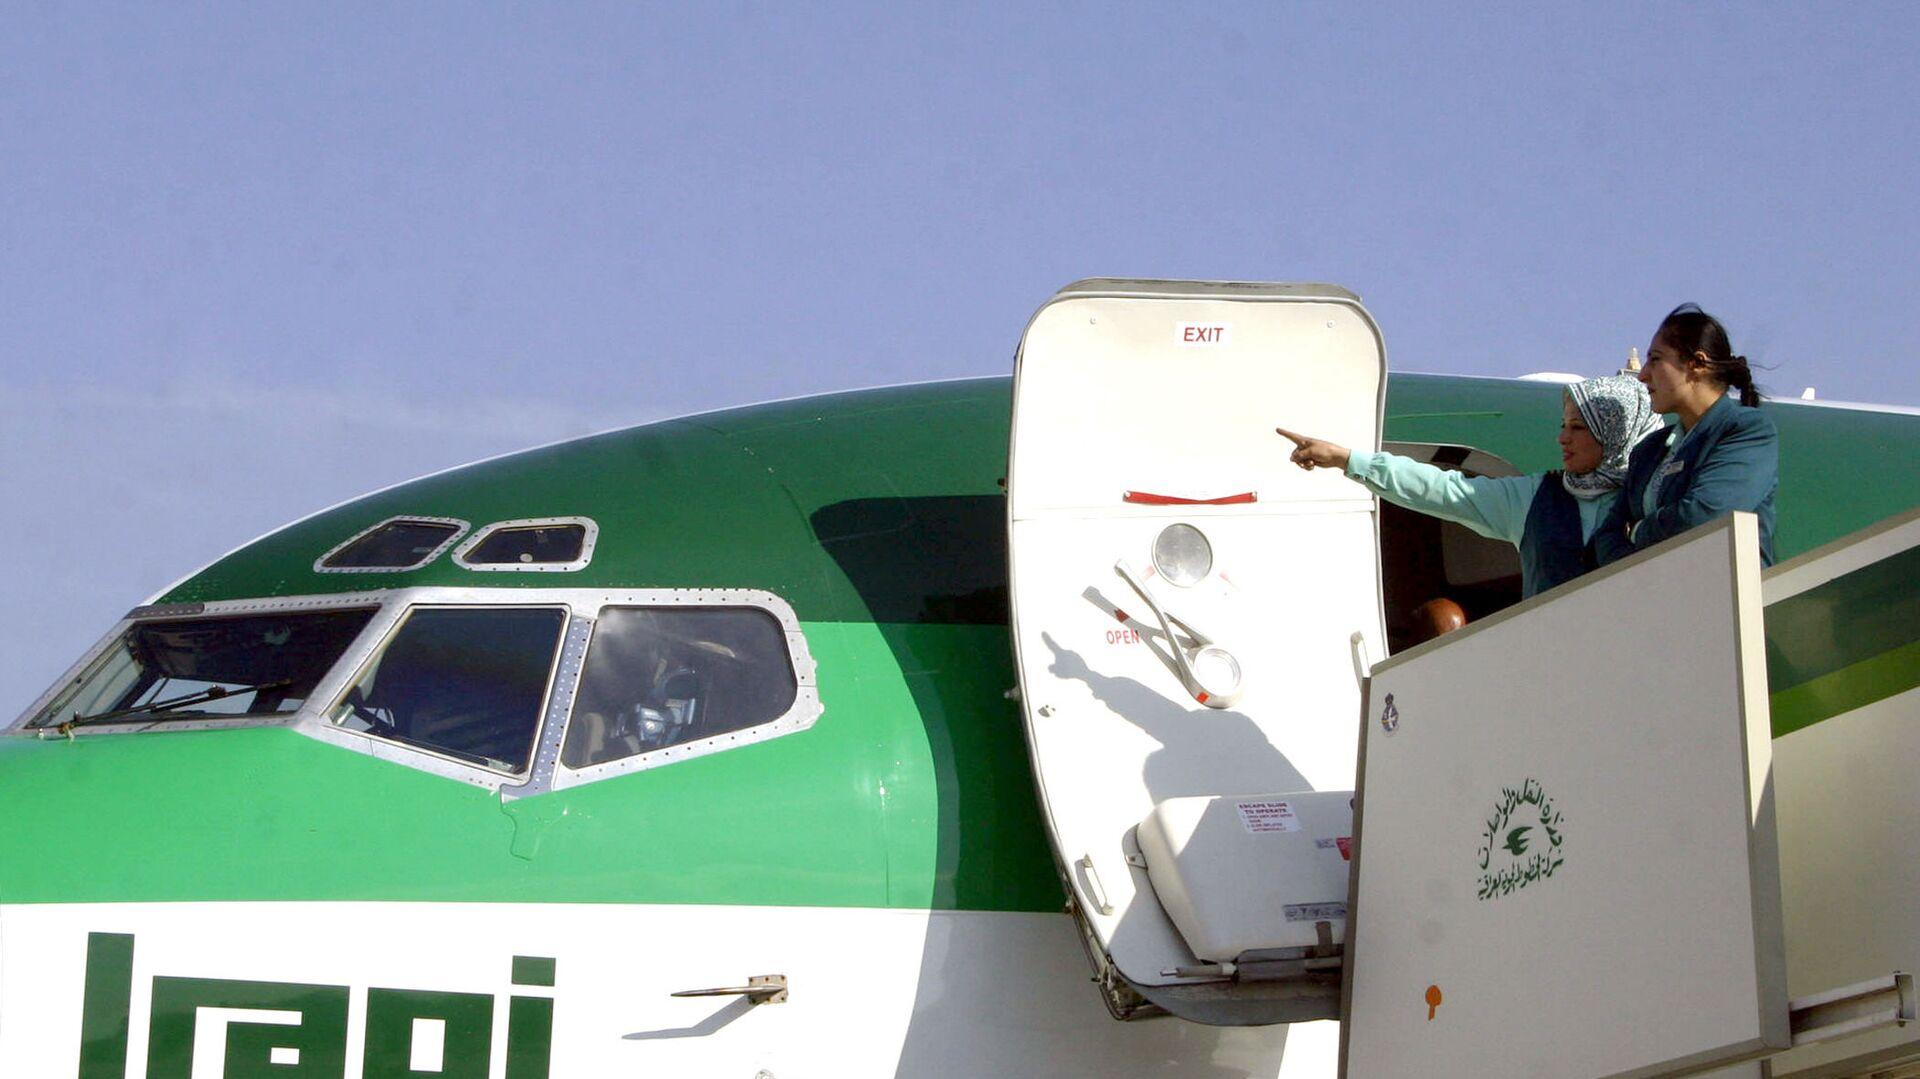 Rosja i Irak wznawiają połączenia lotnicze, które zawieszono w 2004 roku - Sputnik Polska, 1920, 09.10.2021